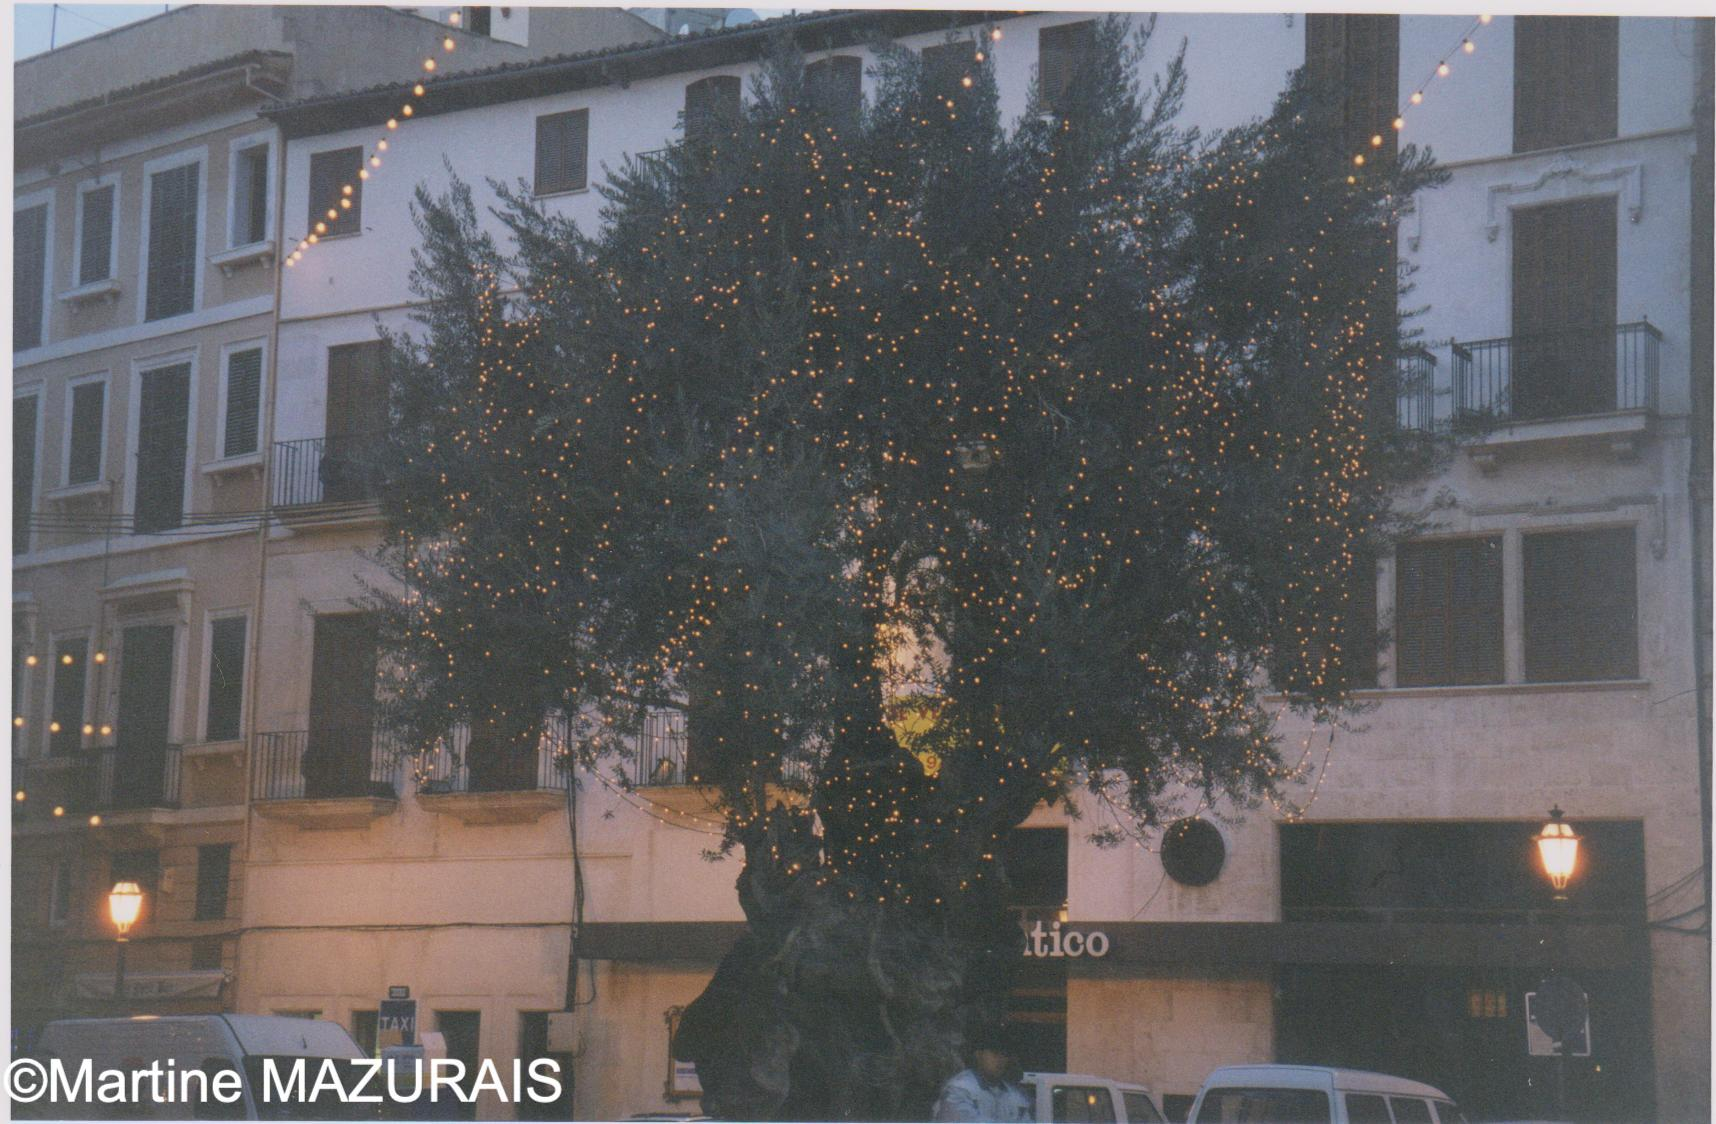 Décembre 2000 - 04 - Palma - Olivier millénaire *